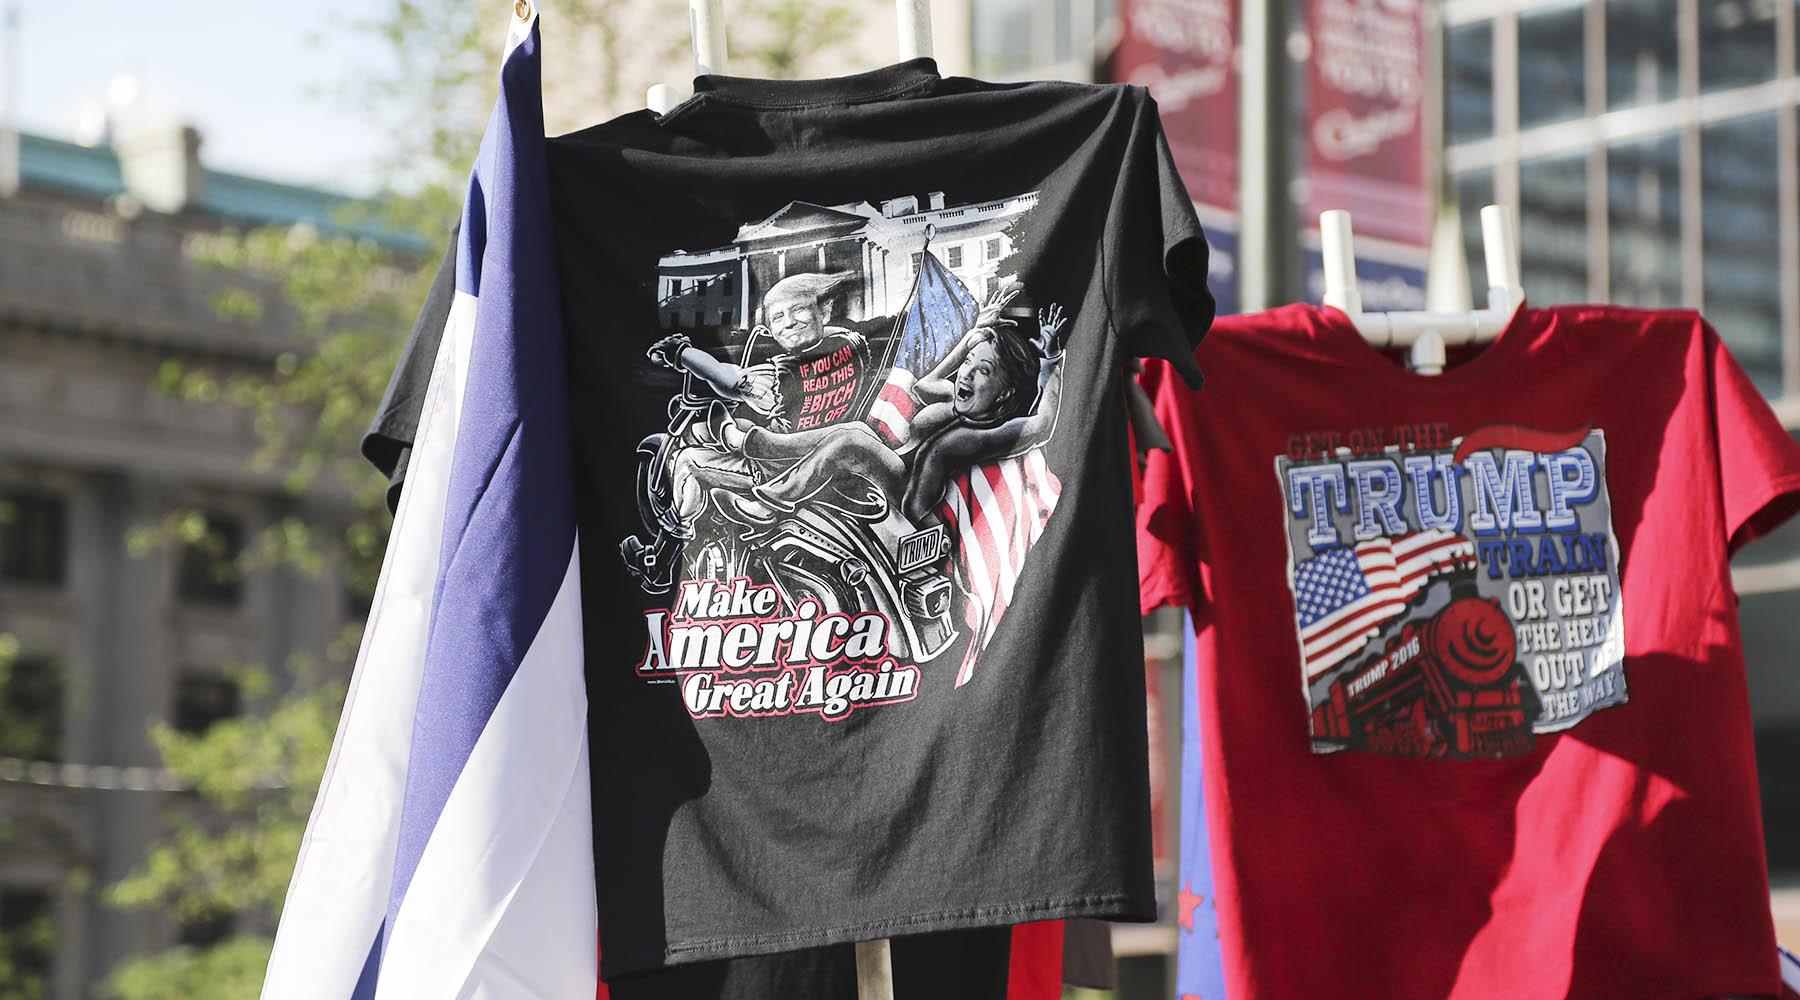 Бизнес с именем президента: Патентное бюро США рассматривает торговые марки с использованием фамилий Путина и Трамп